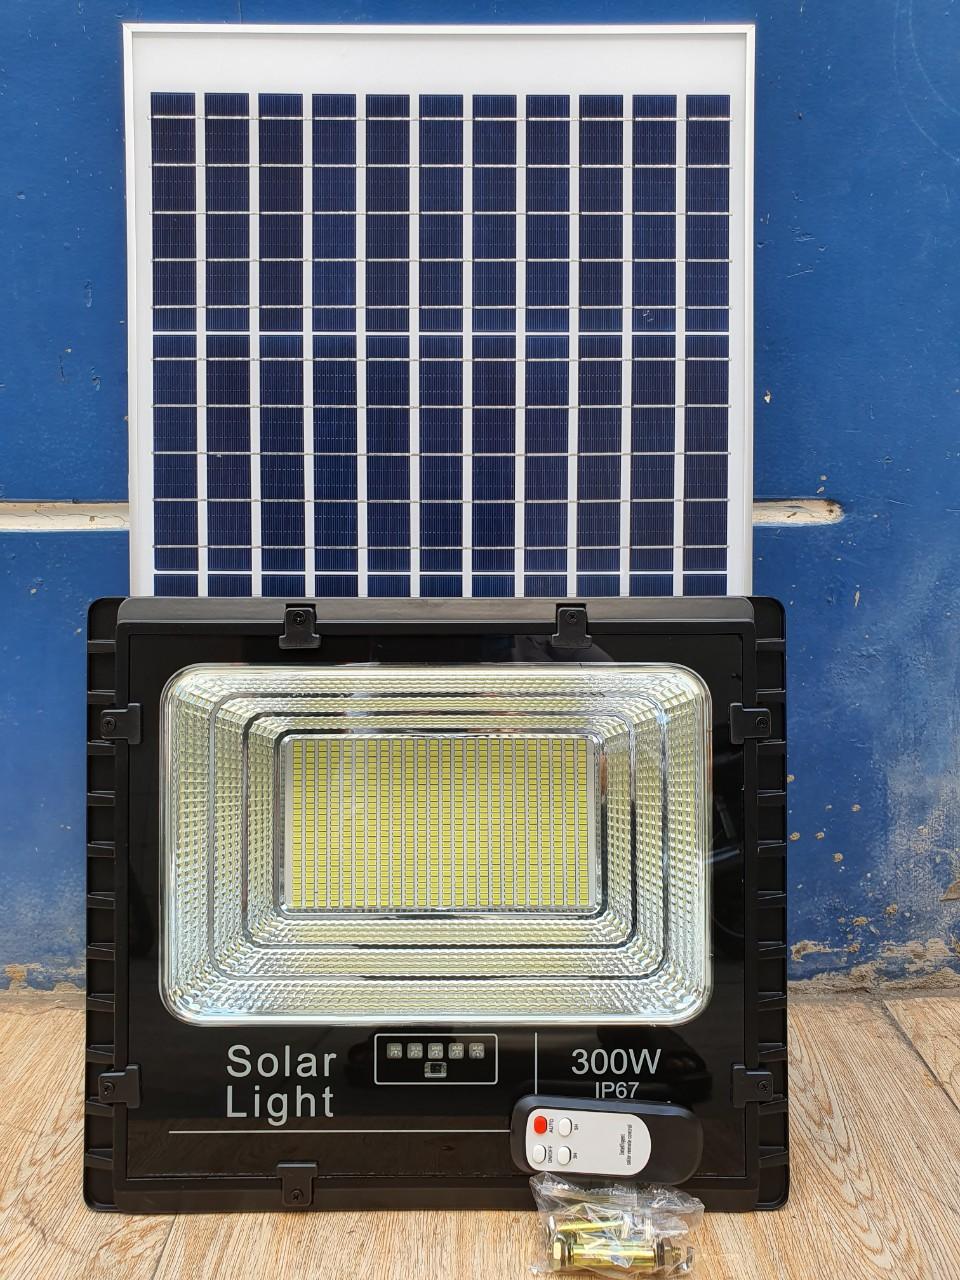 JD-8300L - Đèn Năng Lượng Mặt Trời JD-8300L 300W Giá Rẻ